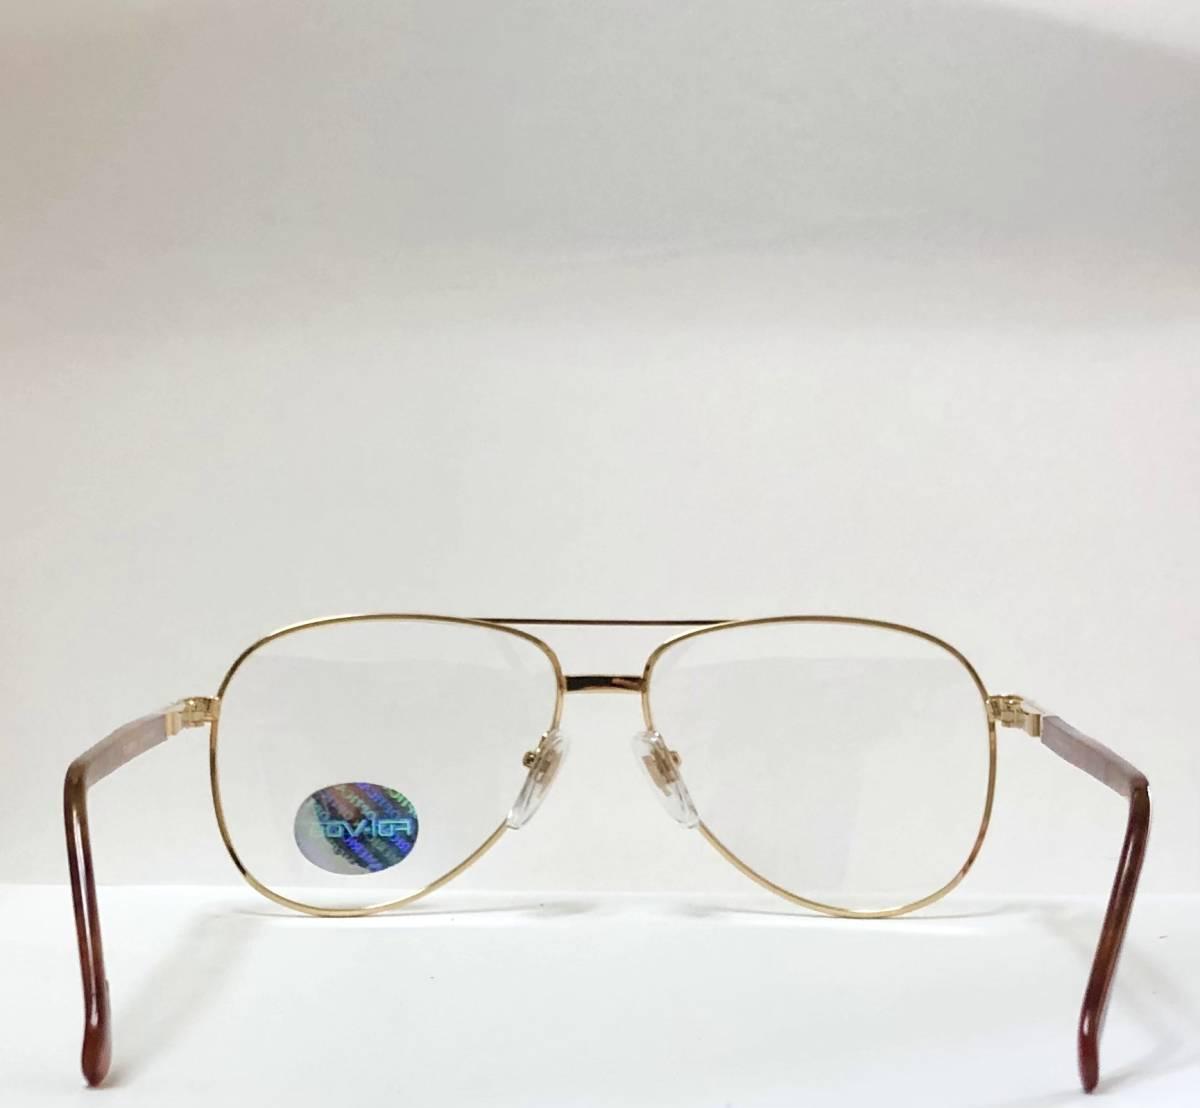 新品箱付】20K金 アメリカンオプティカル 80年代 琥珀色 べっ甲柄 AO American Optical メガネ 米国ブランド_画像7